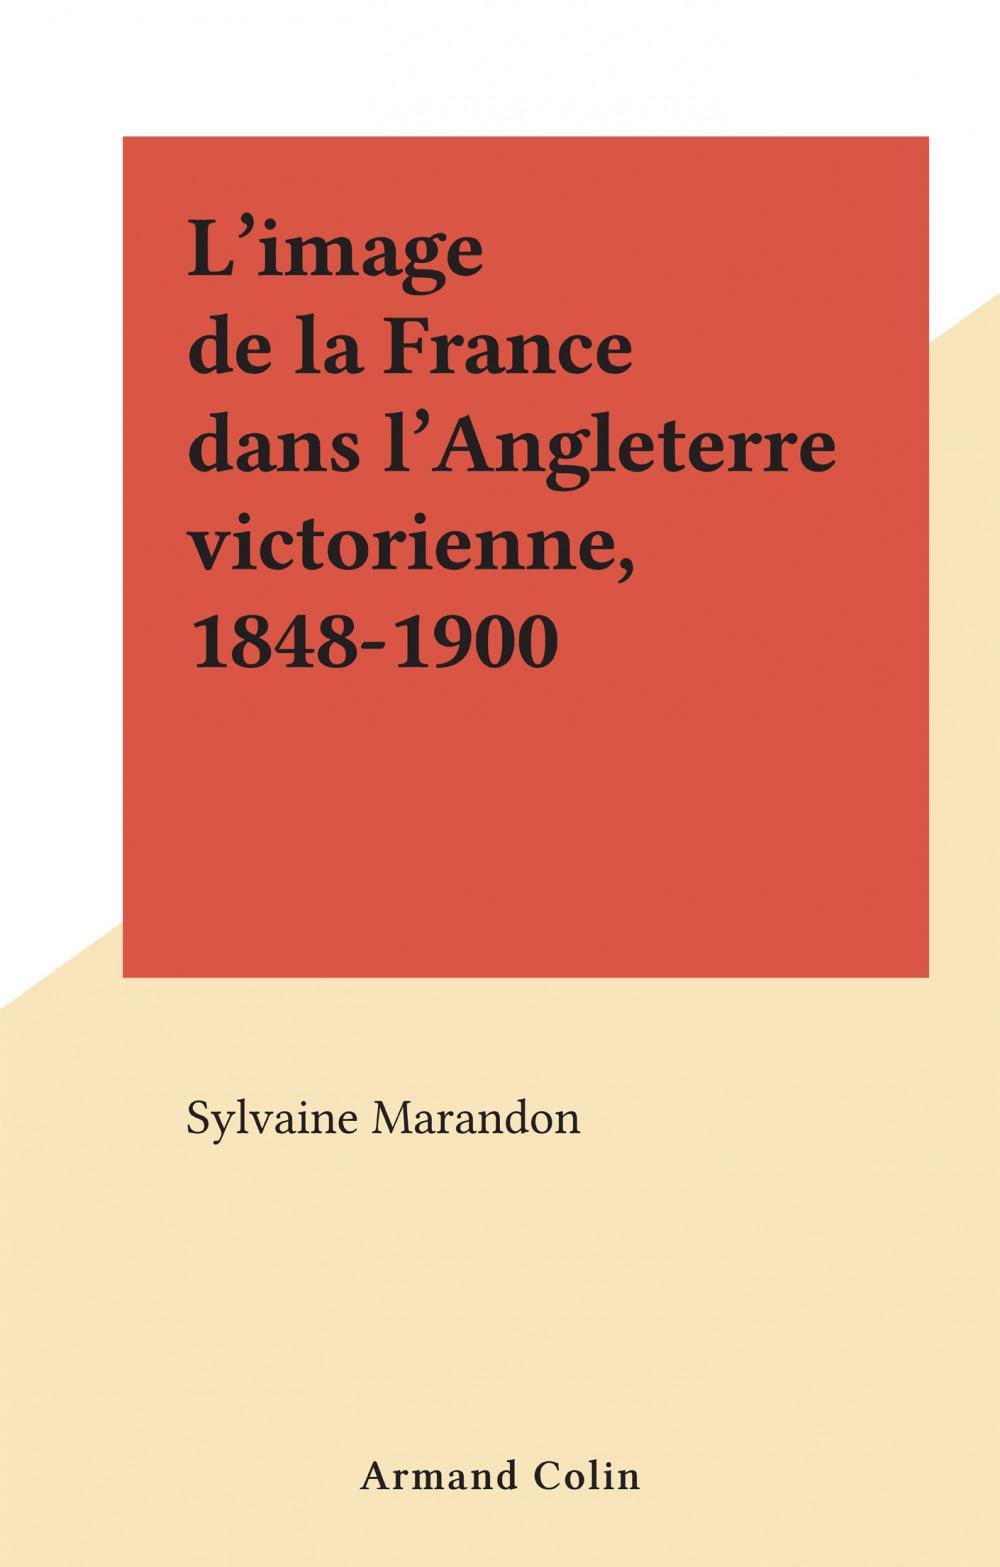 L'image de la France dans l'Angleterre victorienne, 1848-1900  - Sylvaine Marandon